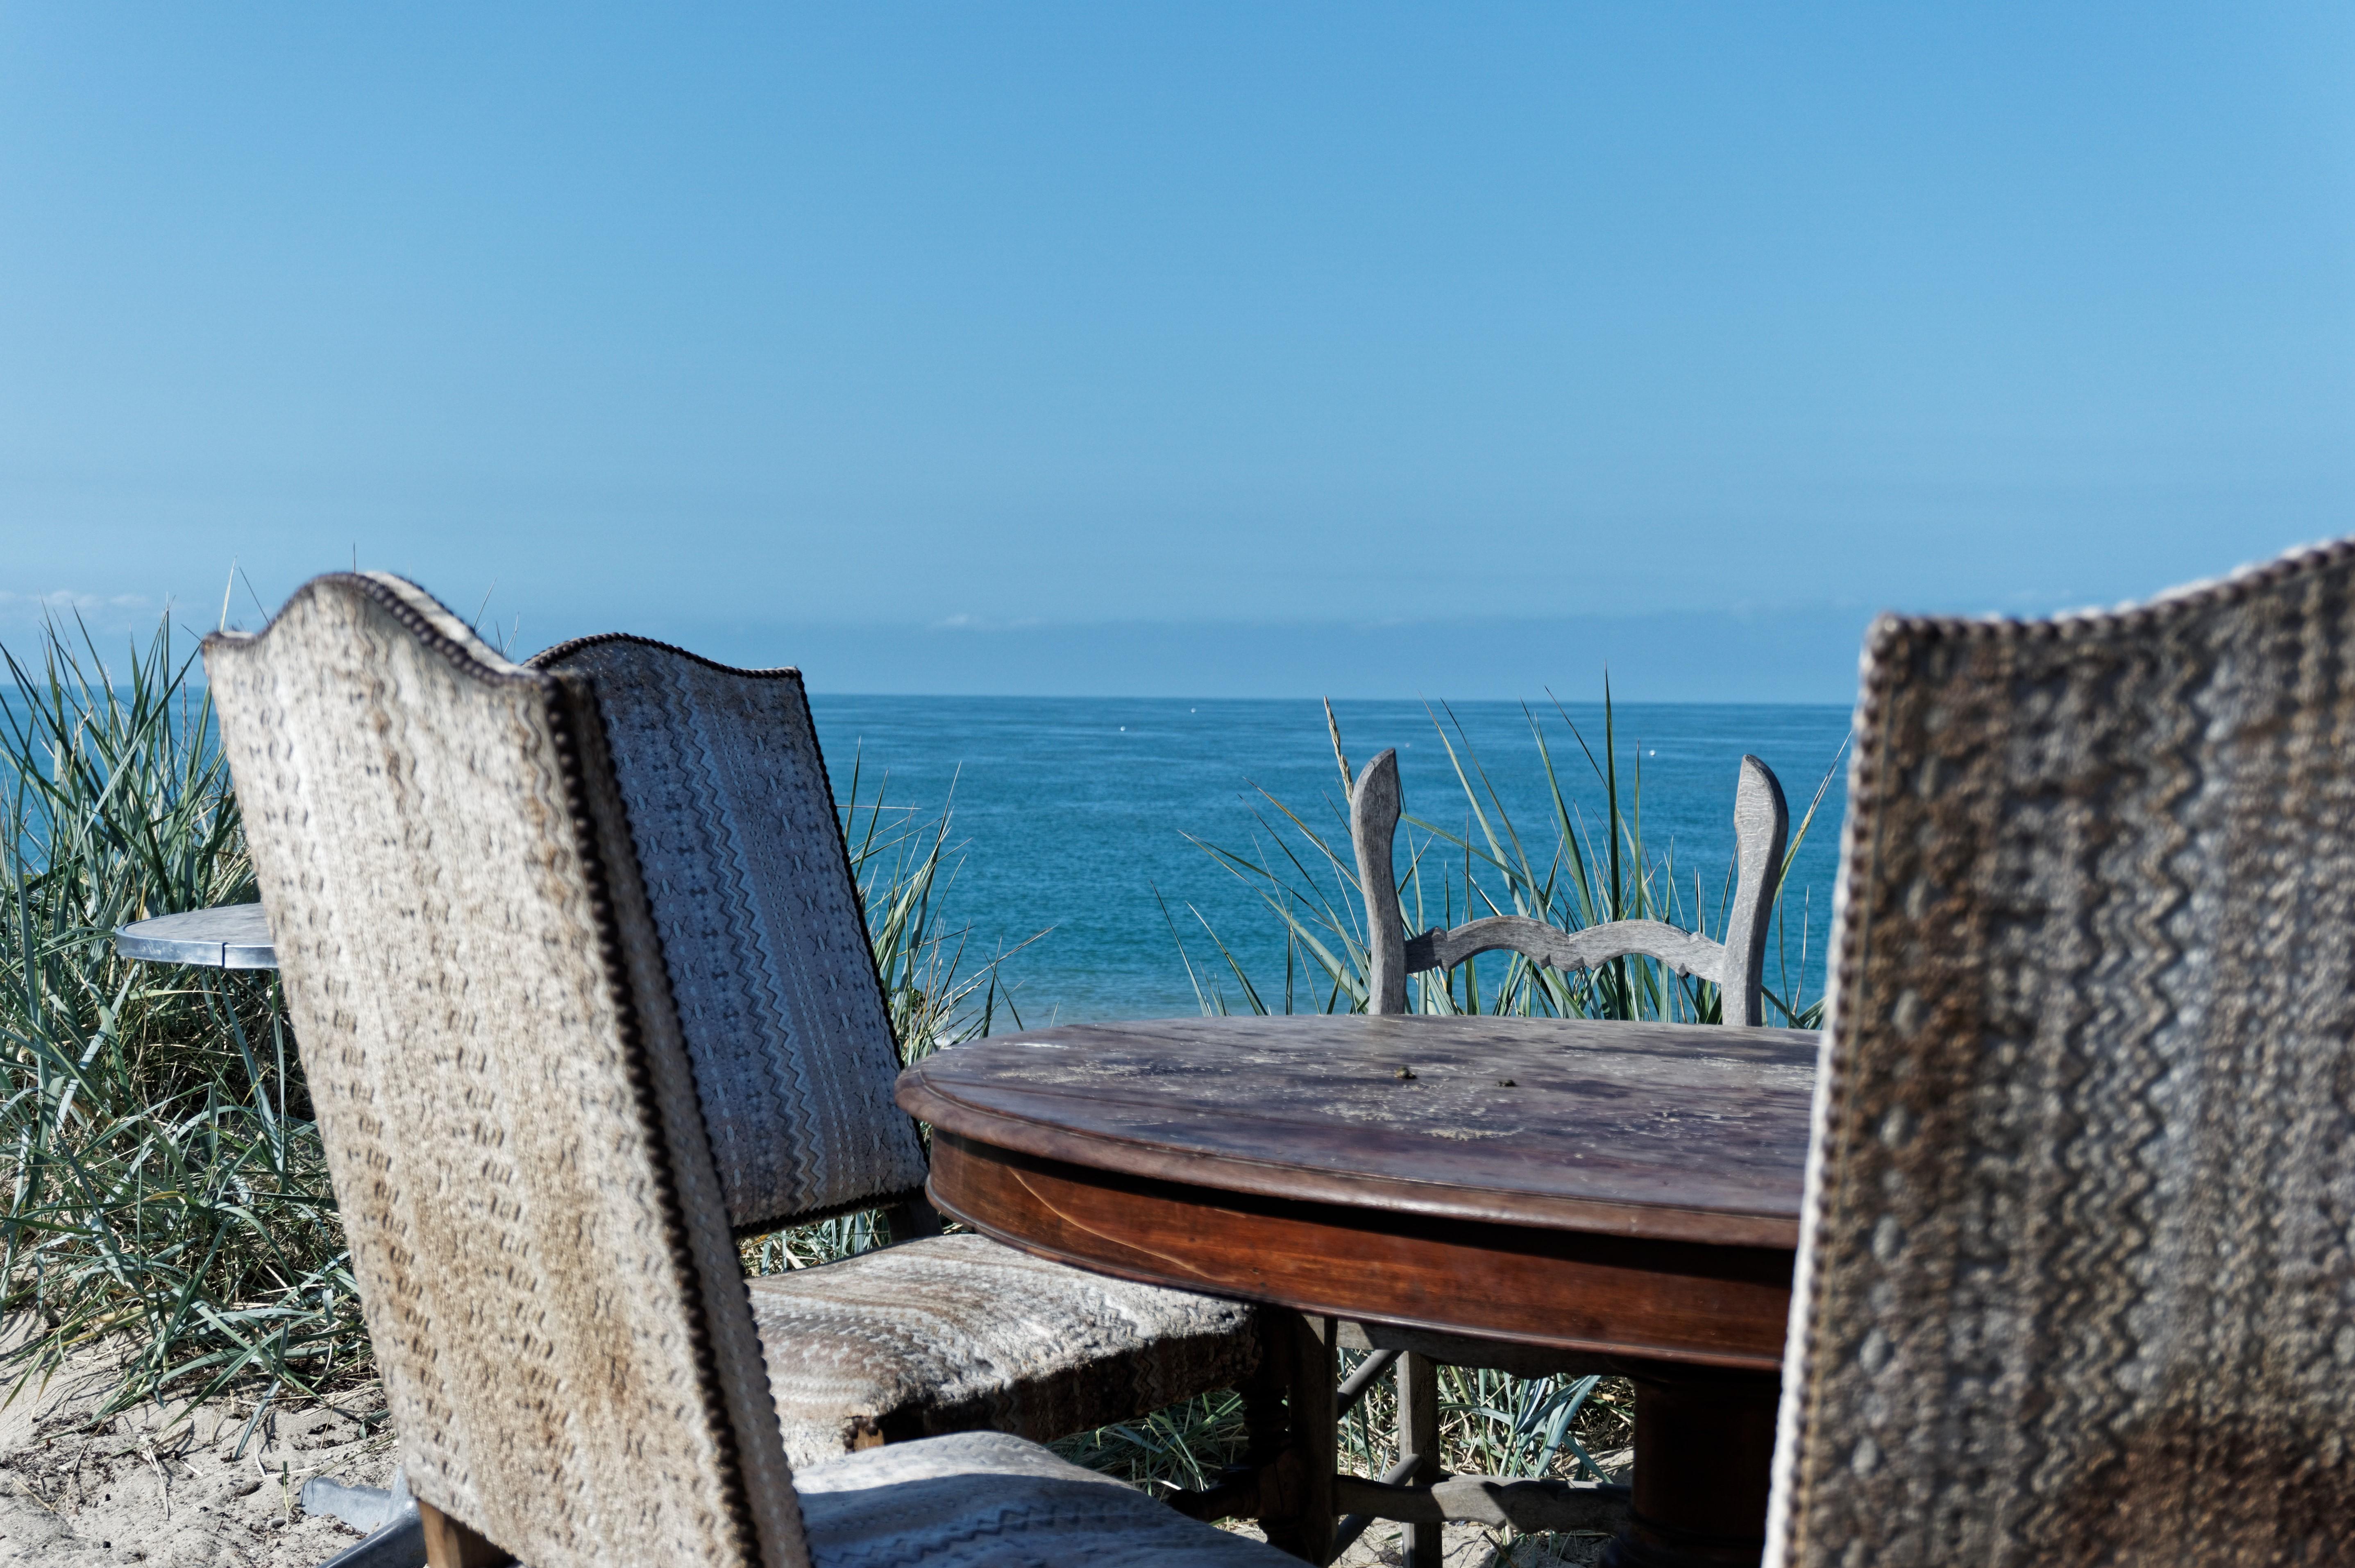 vue-depuis-la-terrasse-du-restaurant-la-cale-les-pieds-dans-le-sable-a-agon-coutainville